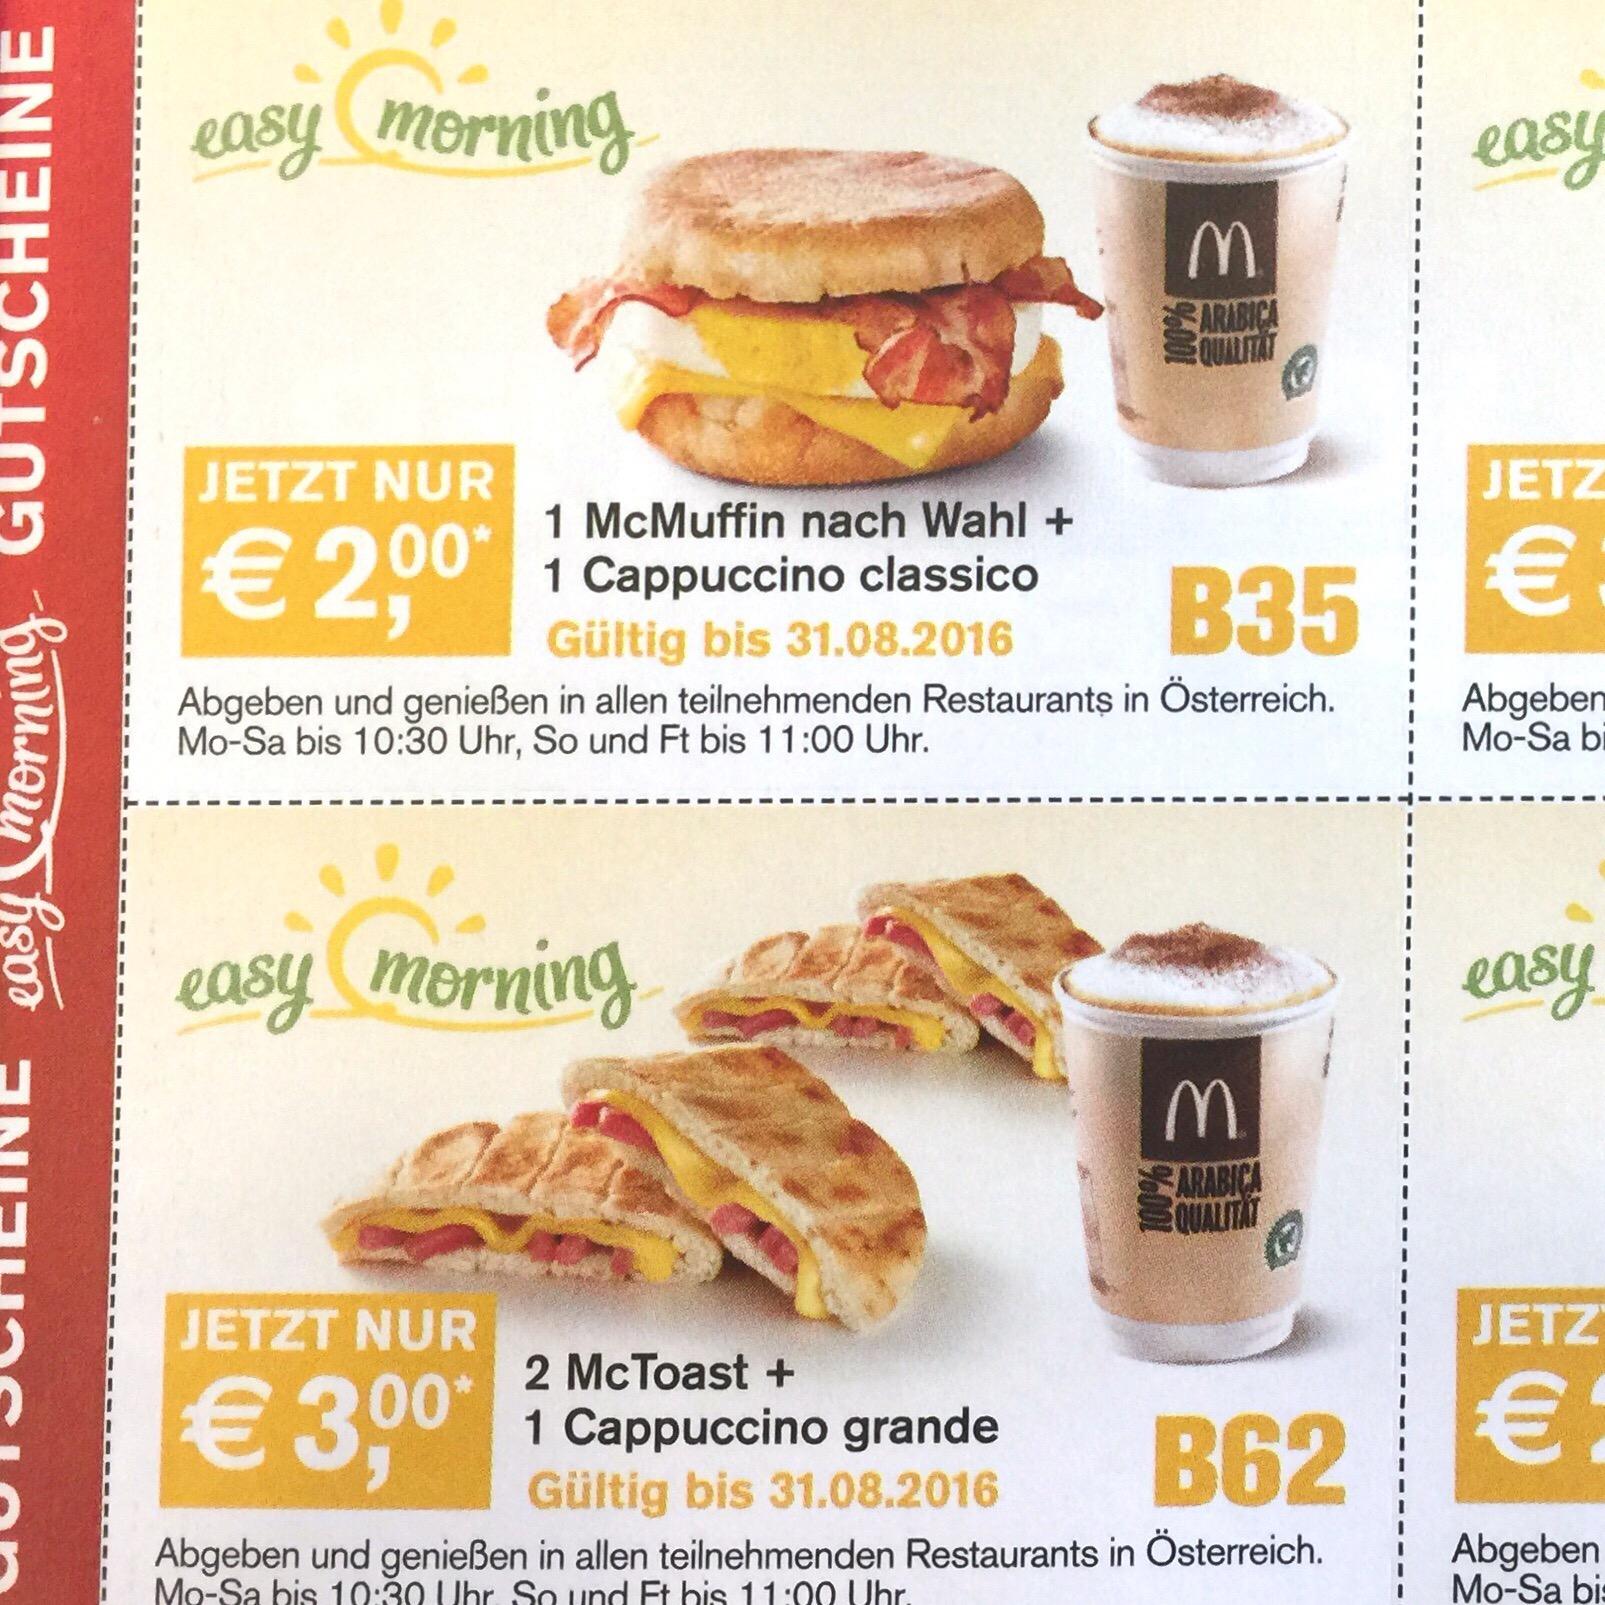 Neue McDonald's Easy Morning und McCafé Gutscheine (nur in einigen Filialen?)